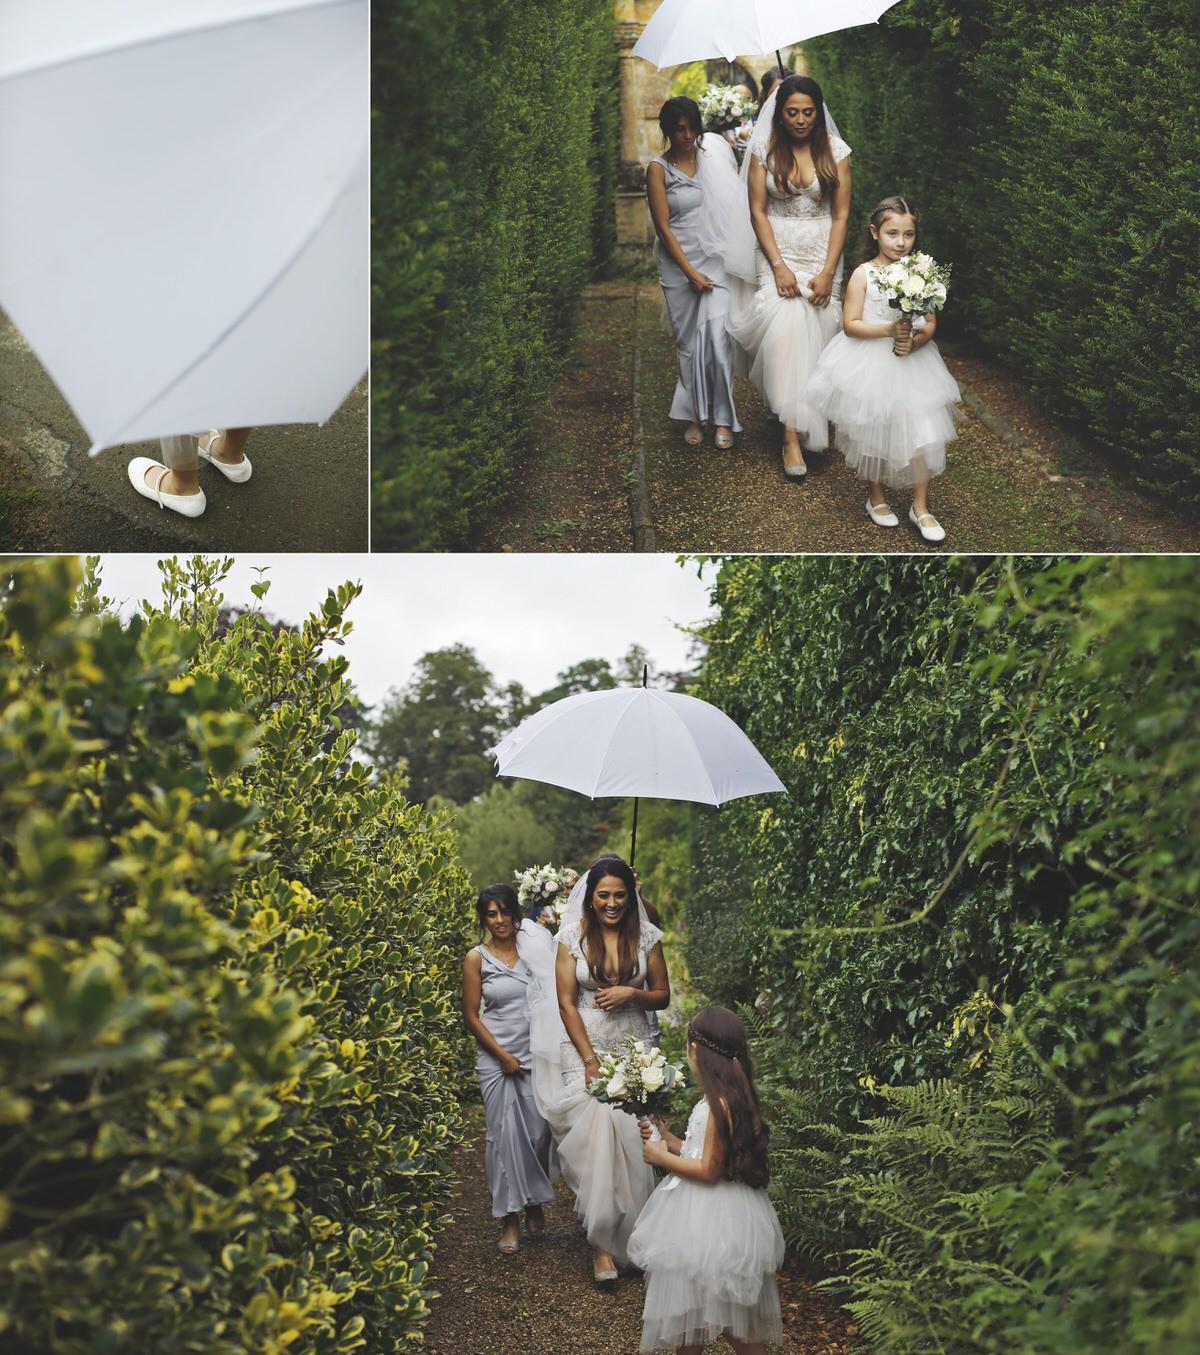 Brettharkness-sudeley-castle-wedding-photographer_0012.jpg